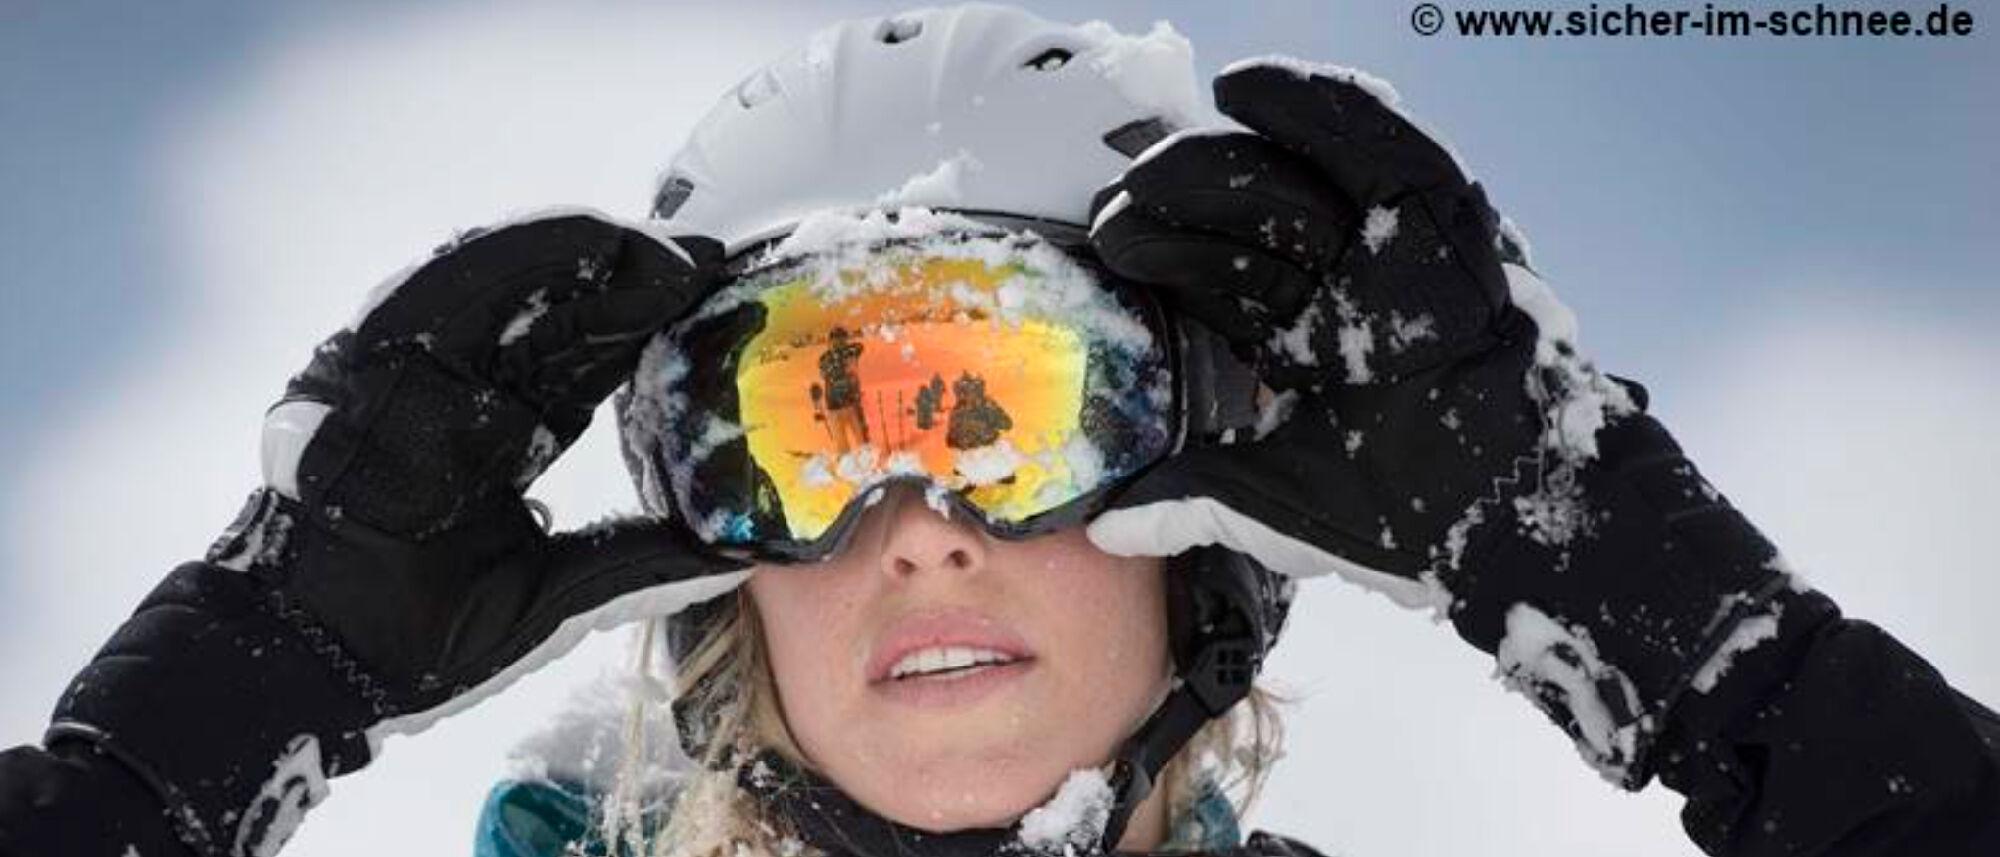 Skifahrerin mit Helm